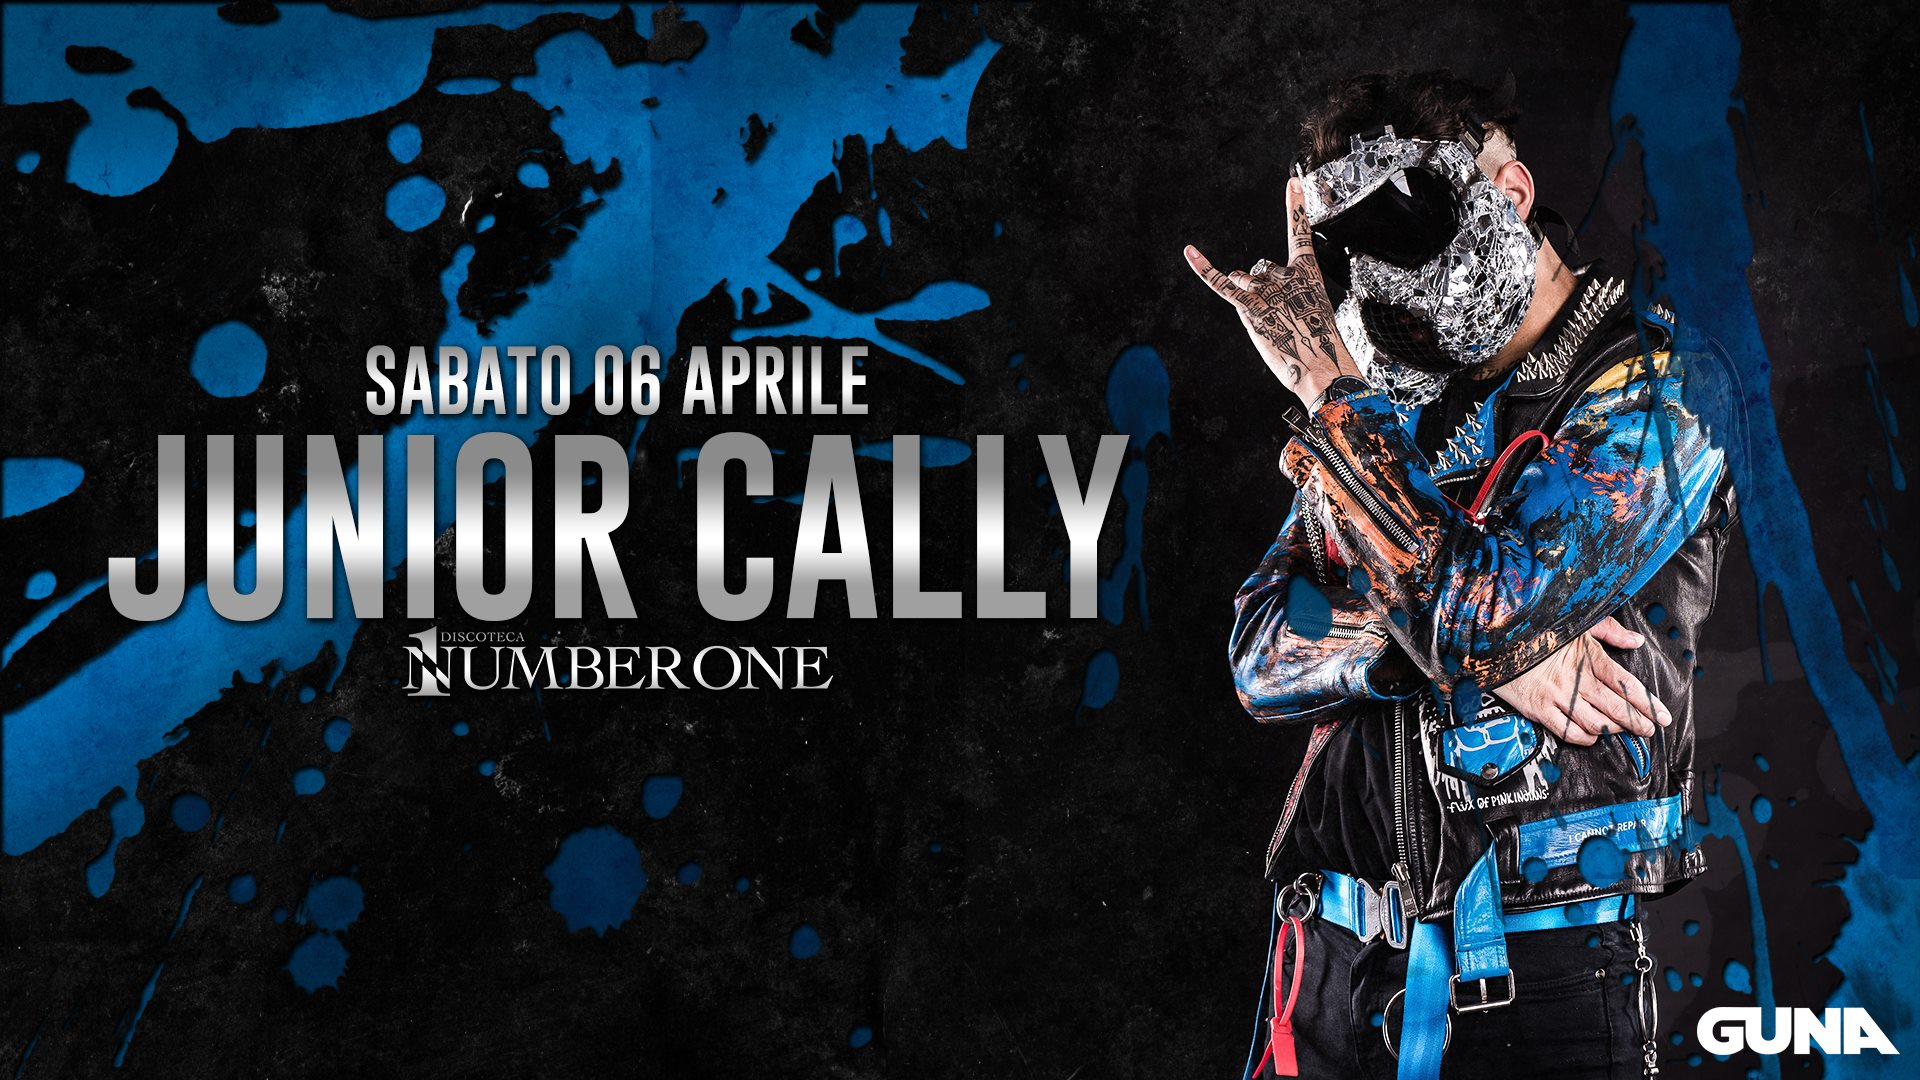 Junior Cally